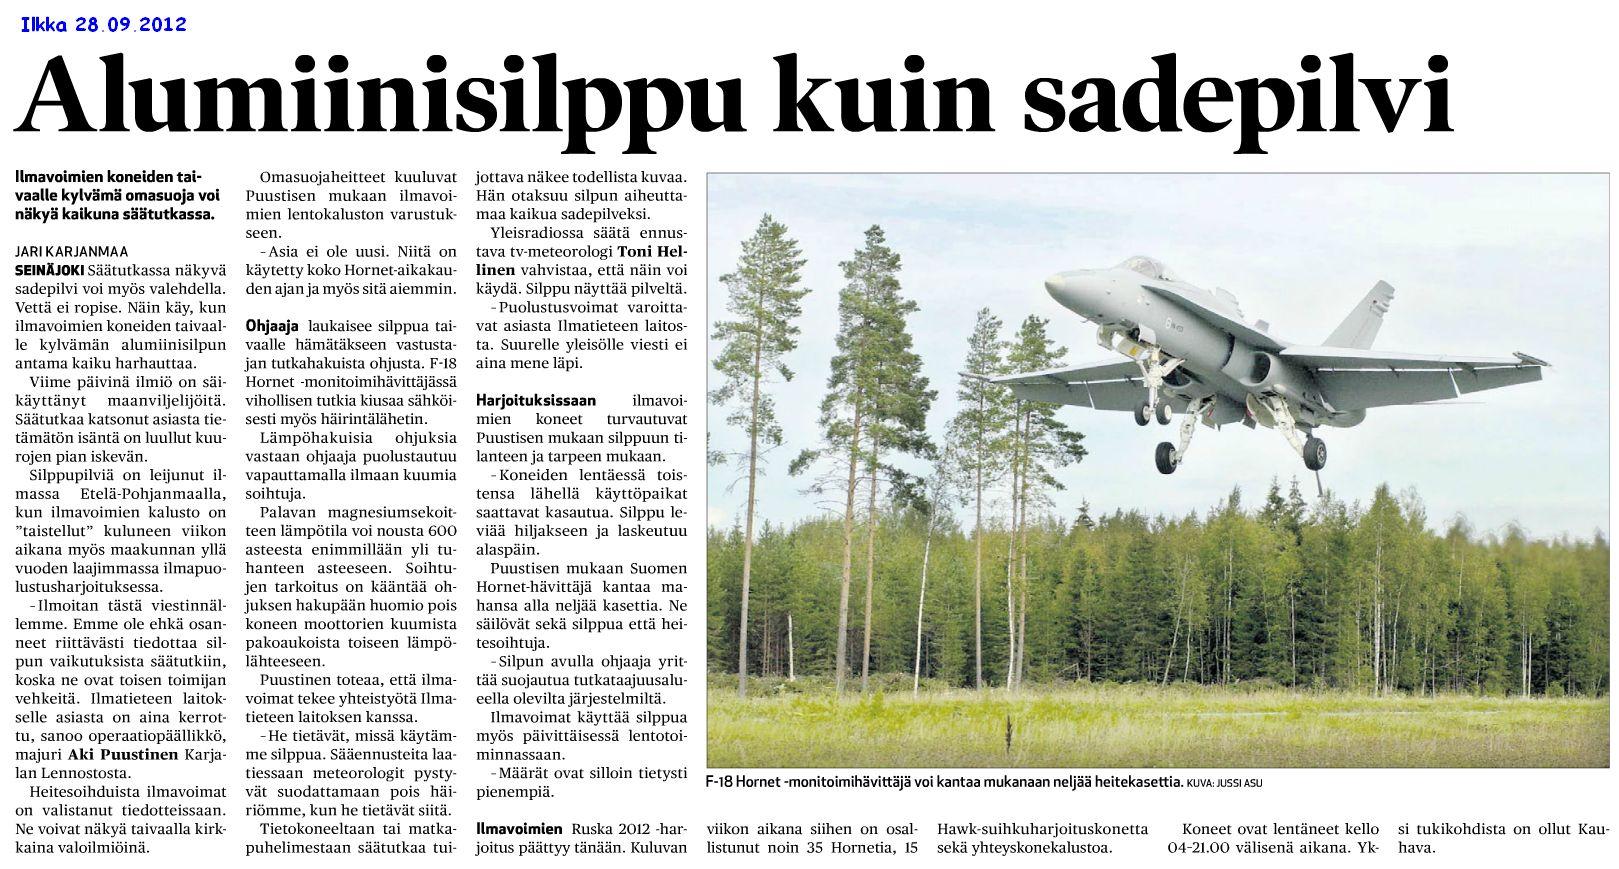 2012-09-28 Ilkka: Alumiinisilppu kuin sadepilvi